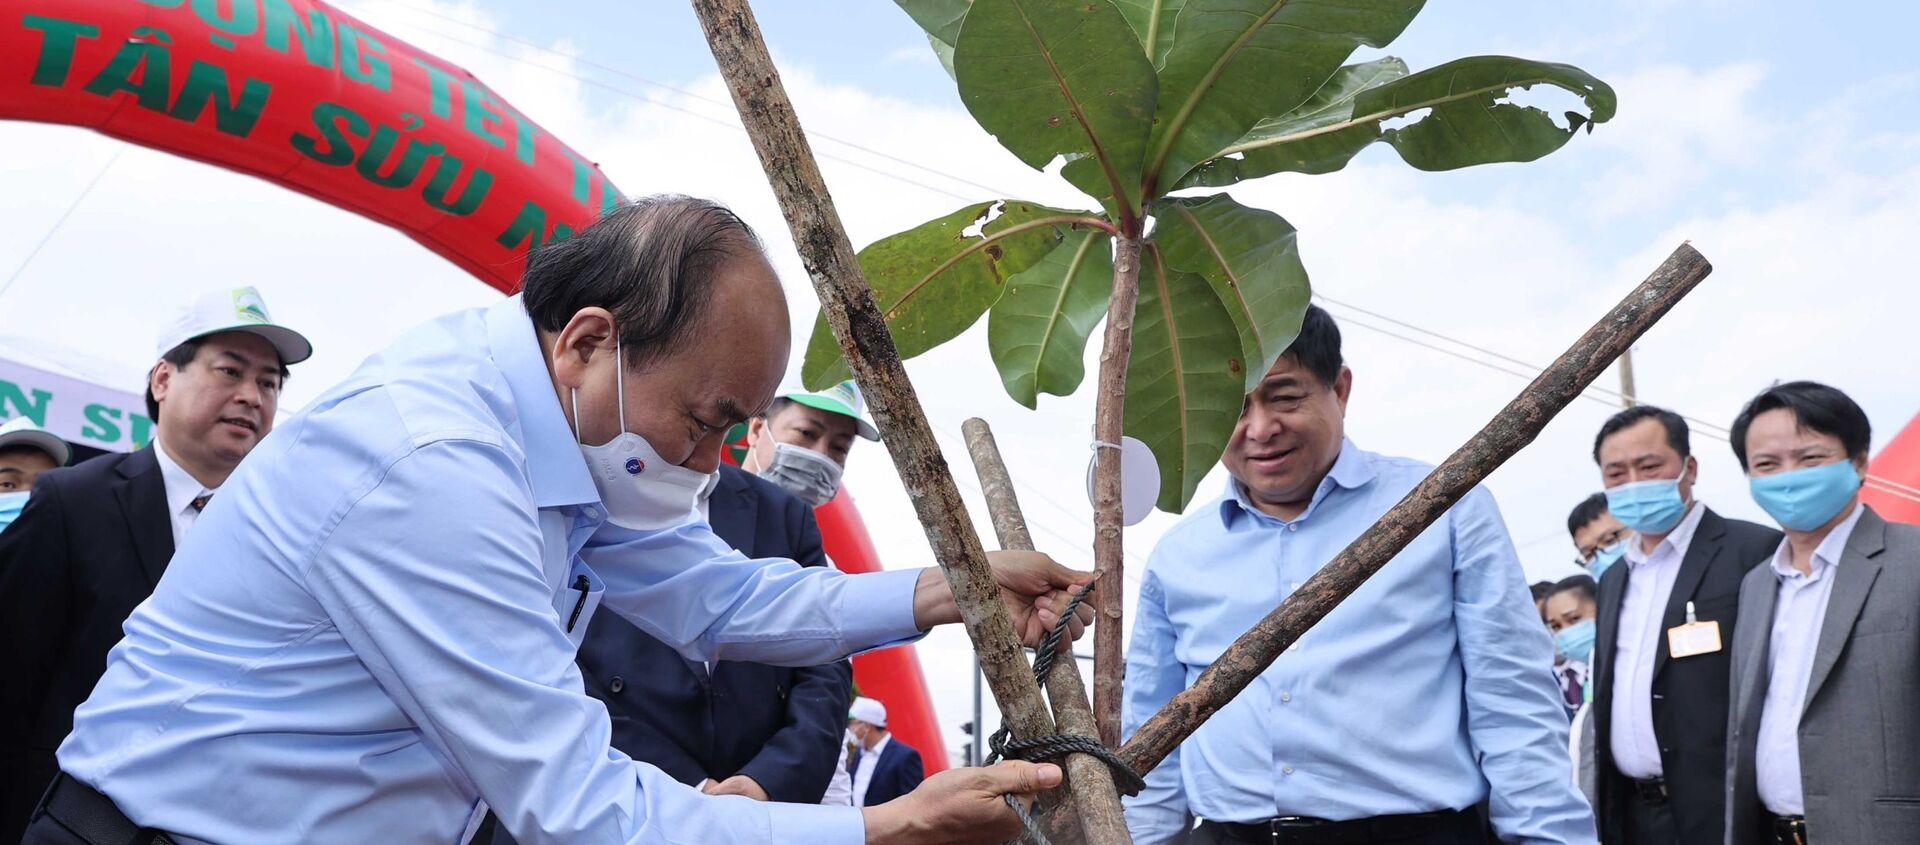 Thủ tướng Nguyễn Xuân Phúc tham gia trồng cây Xuân Tân Sửu năm 2021. - Sputnik Việt Nam, 1920, 20.02.2021